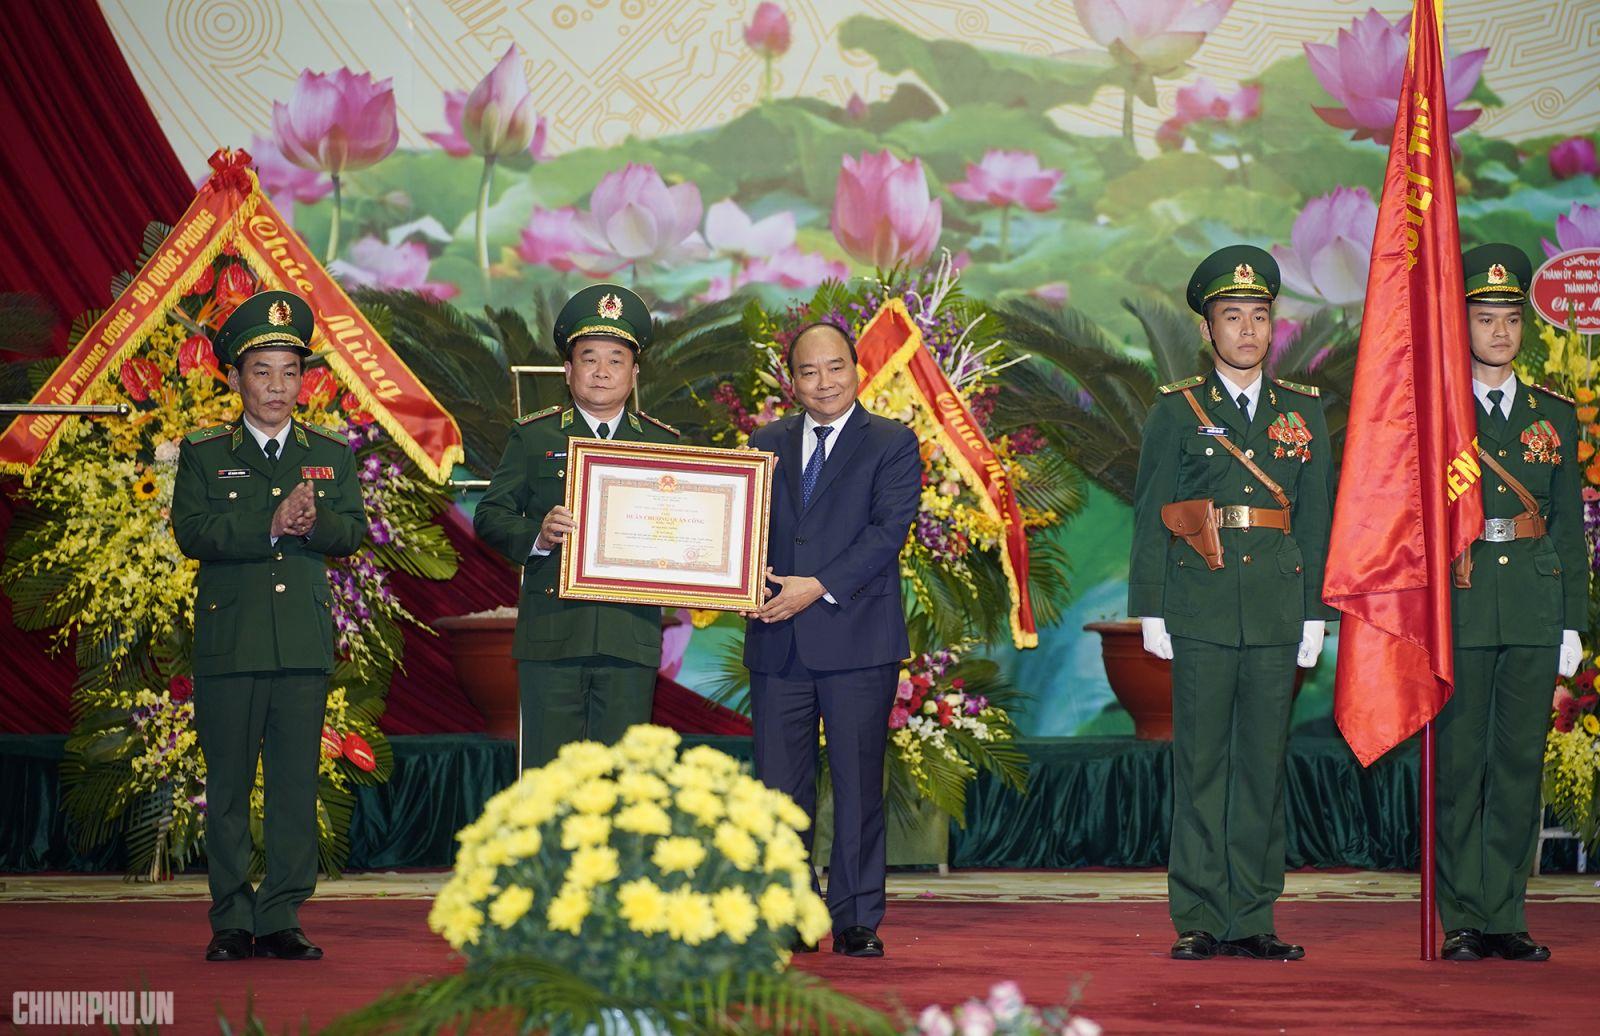 Thay mặt lãnh đạo Đảng, Nhà nước, Thủ tướng Nguyễn Xuân Phúc trao Huân chương Quân công Hạng Nhất tặng Bộ đội Biên phòng. Ảnh: VGP/Quang Hiếu